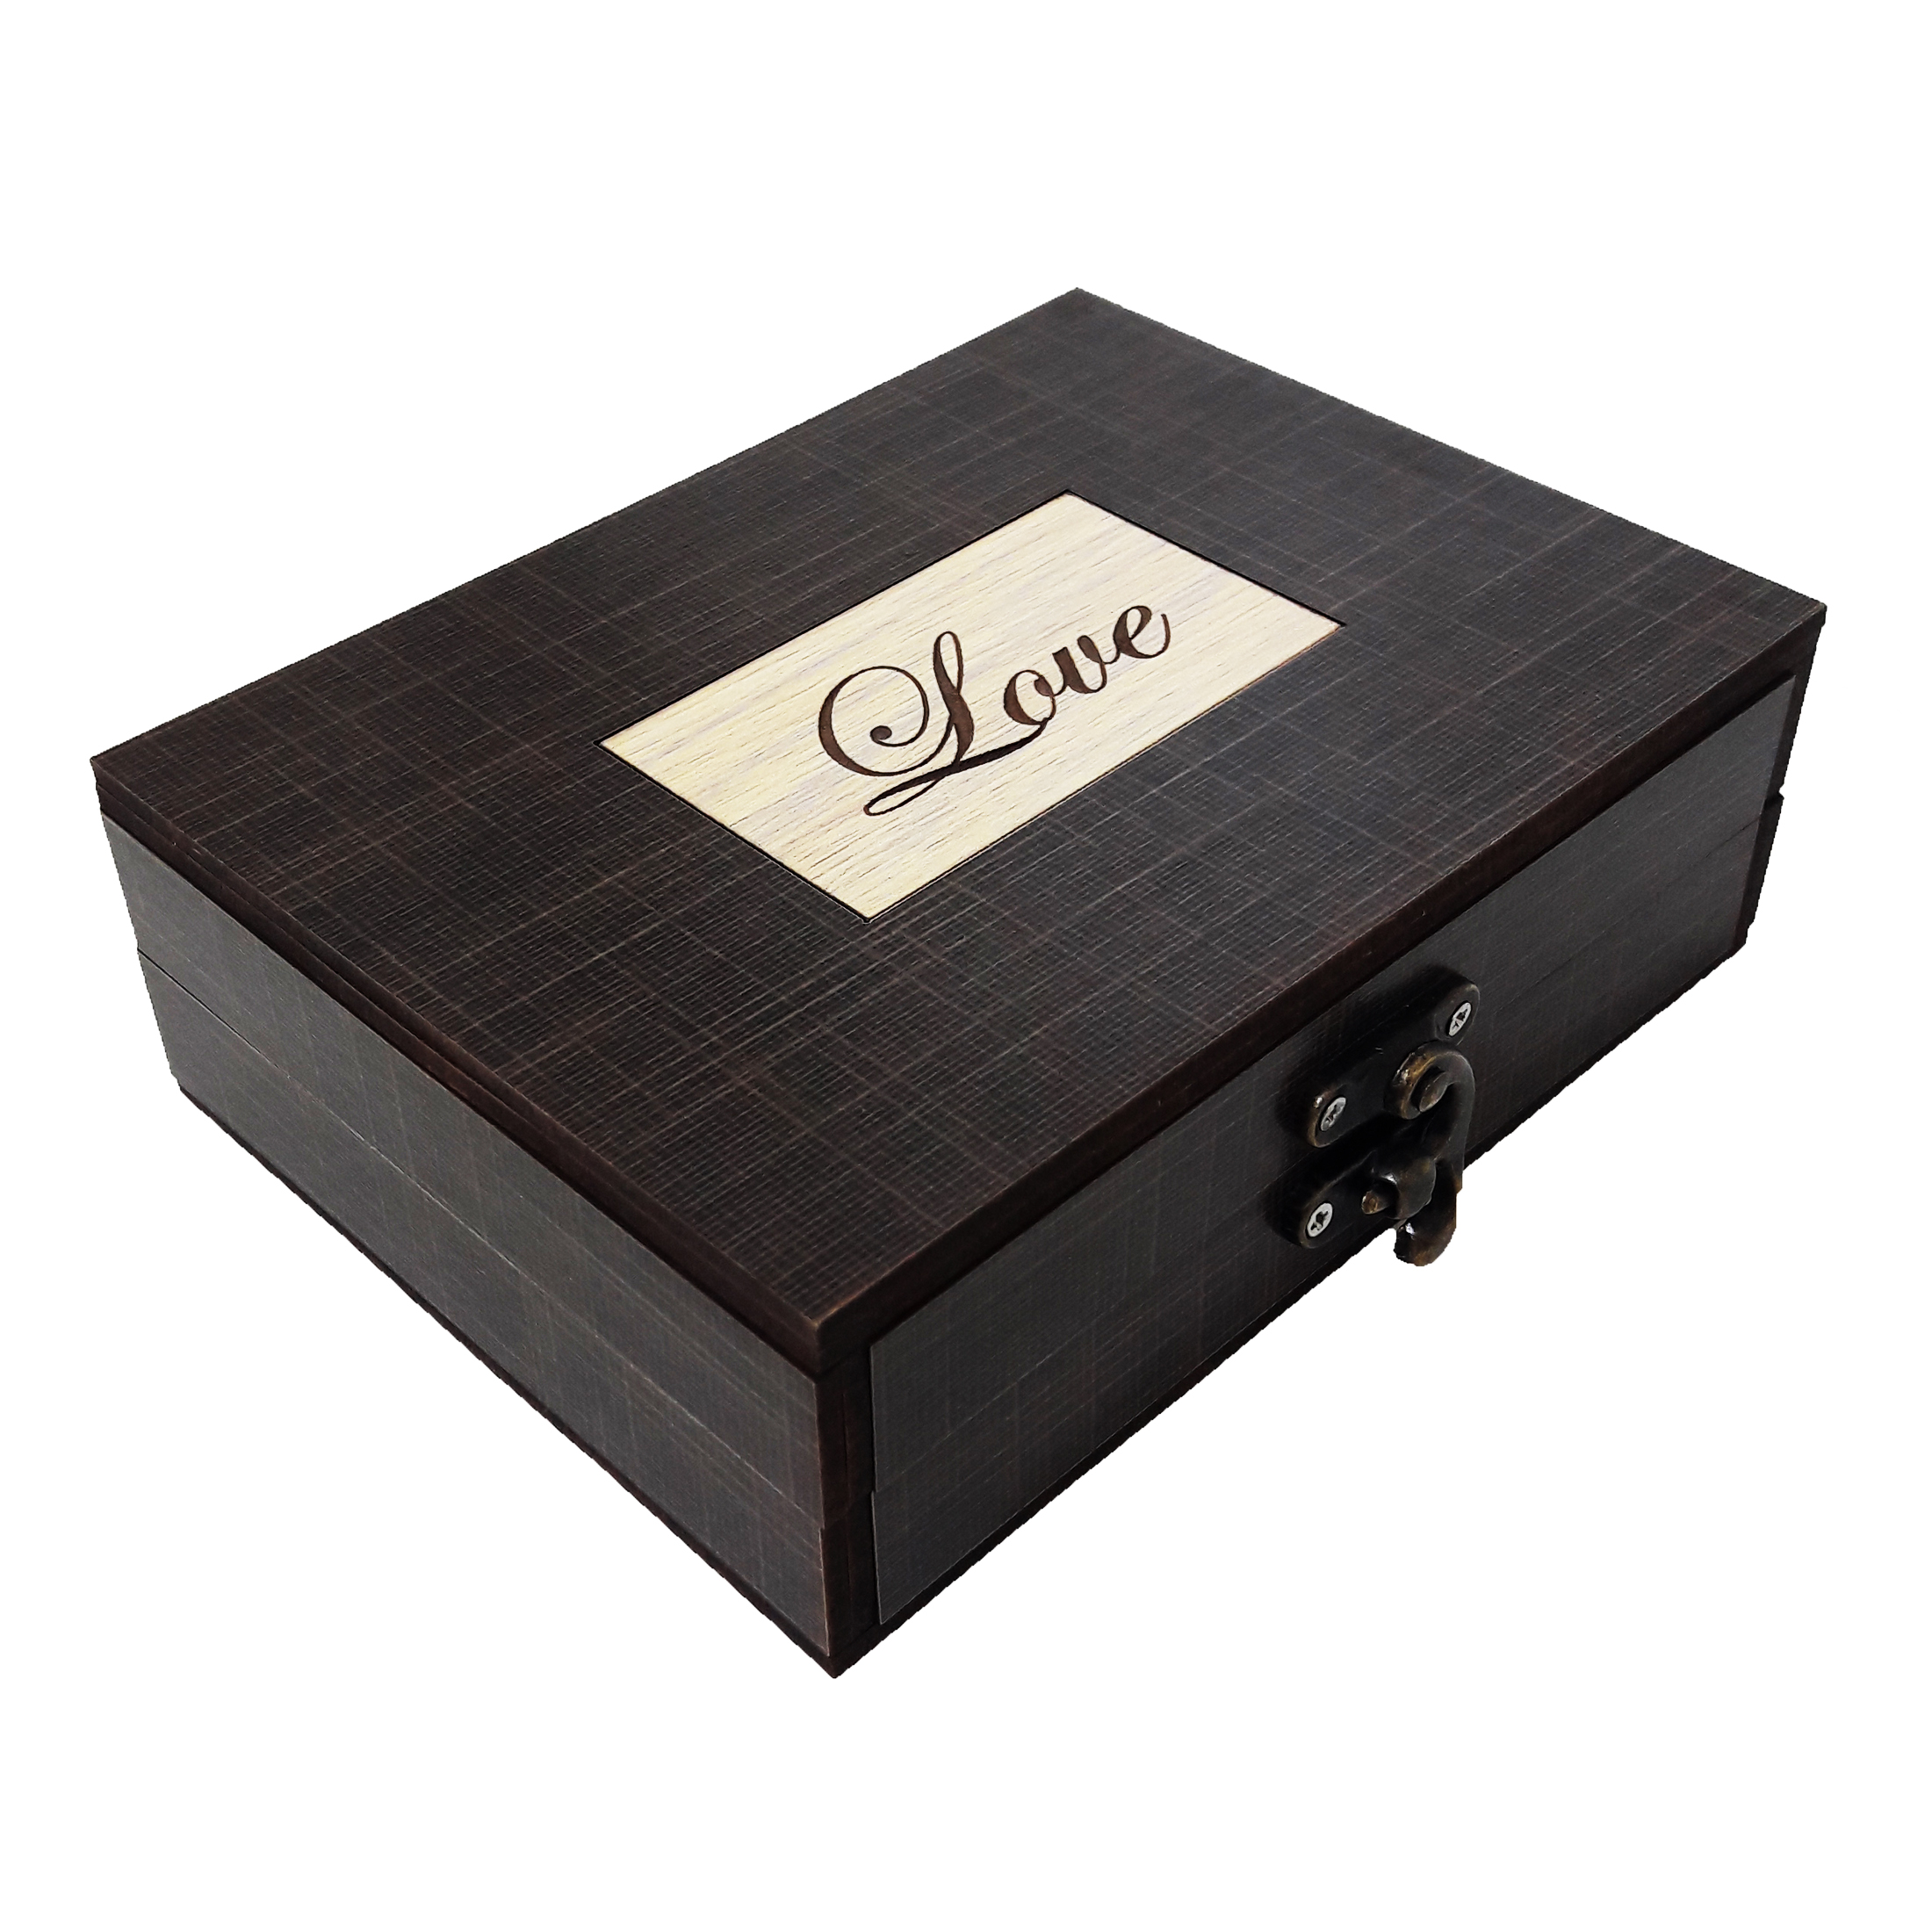 جعبه هدیه چوبی کادو آیهان باکس مدل 113